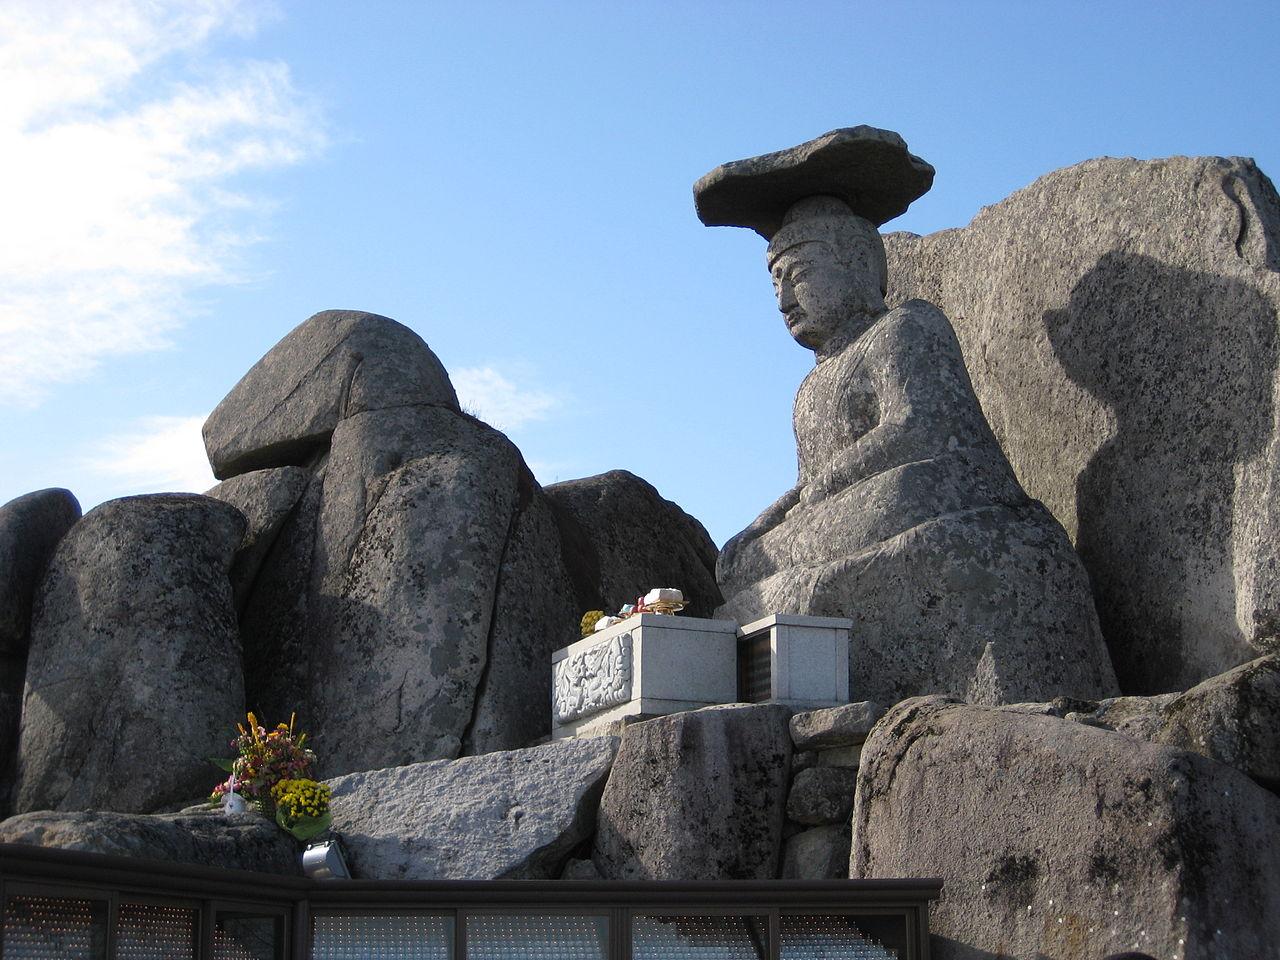 Bức tượng Phật Gatbawi tại chùa Seonbon